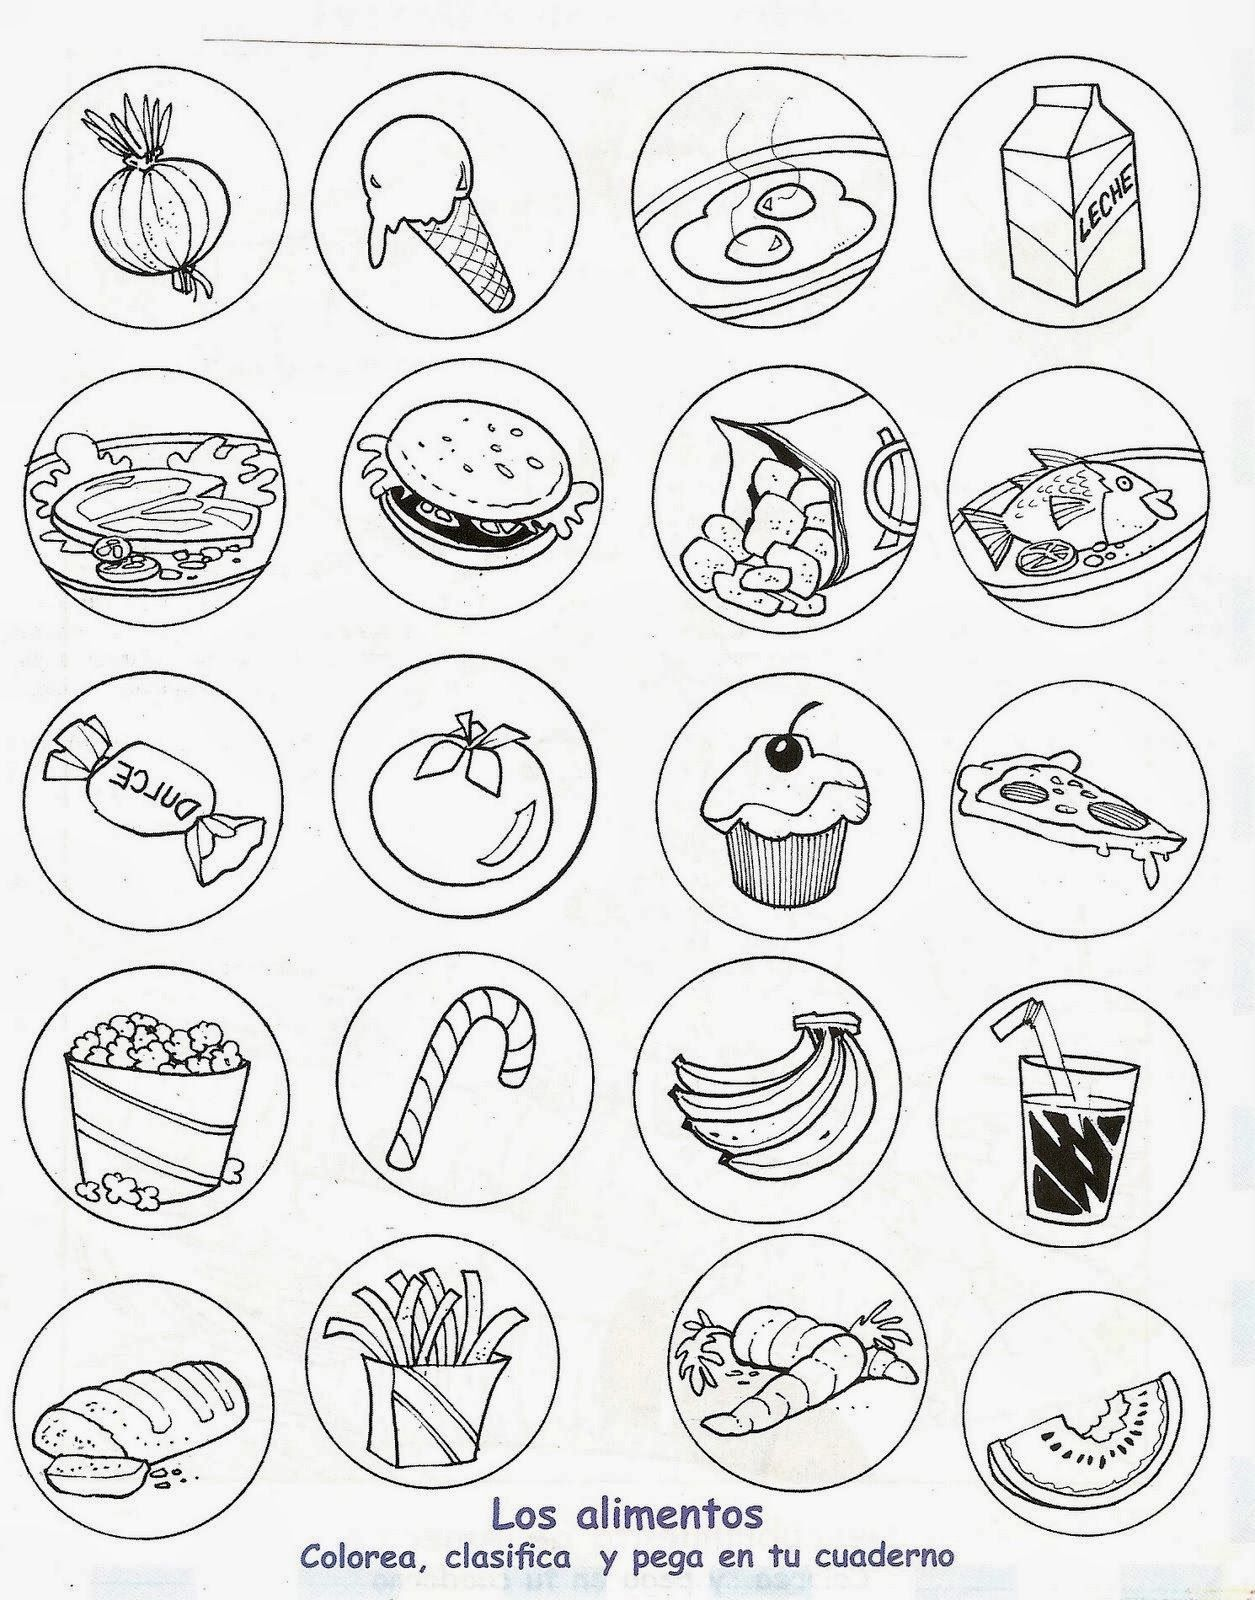 Alimentos Saludables Y Alimentos Chatarra Para Colorear Jpg 1255 1600 Alimentos Saludables Alimentos Preescolar Alimentos Para Colorear